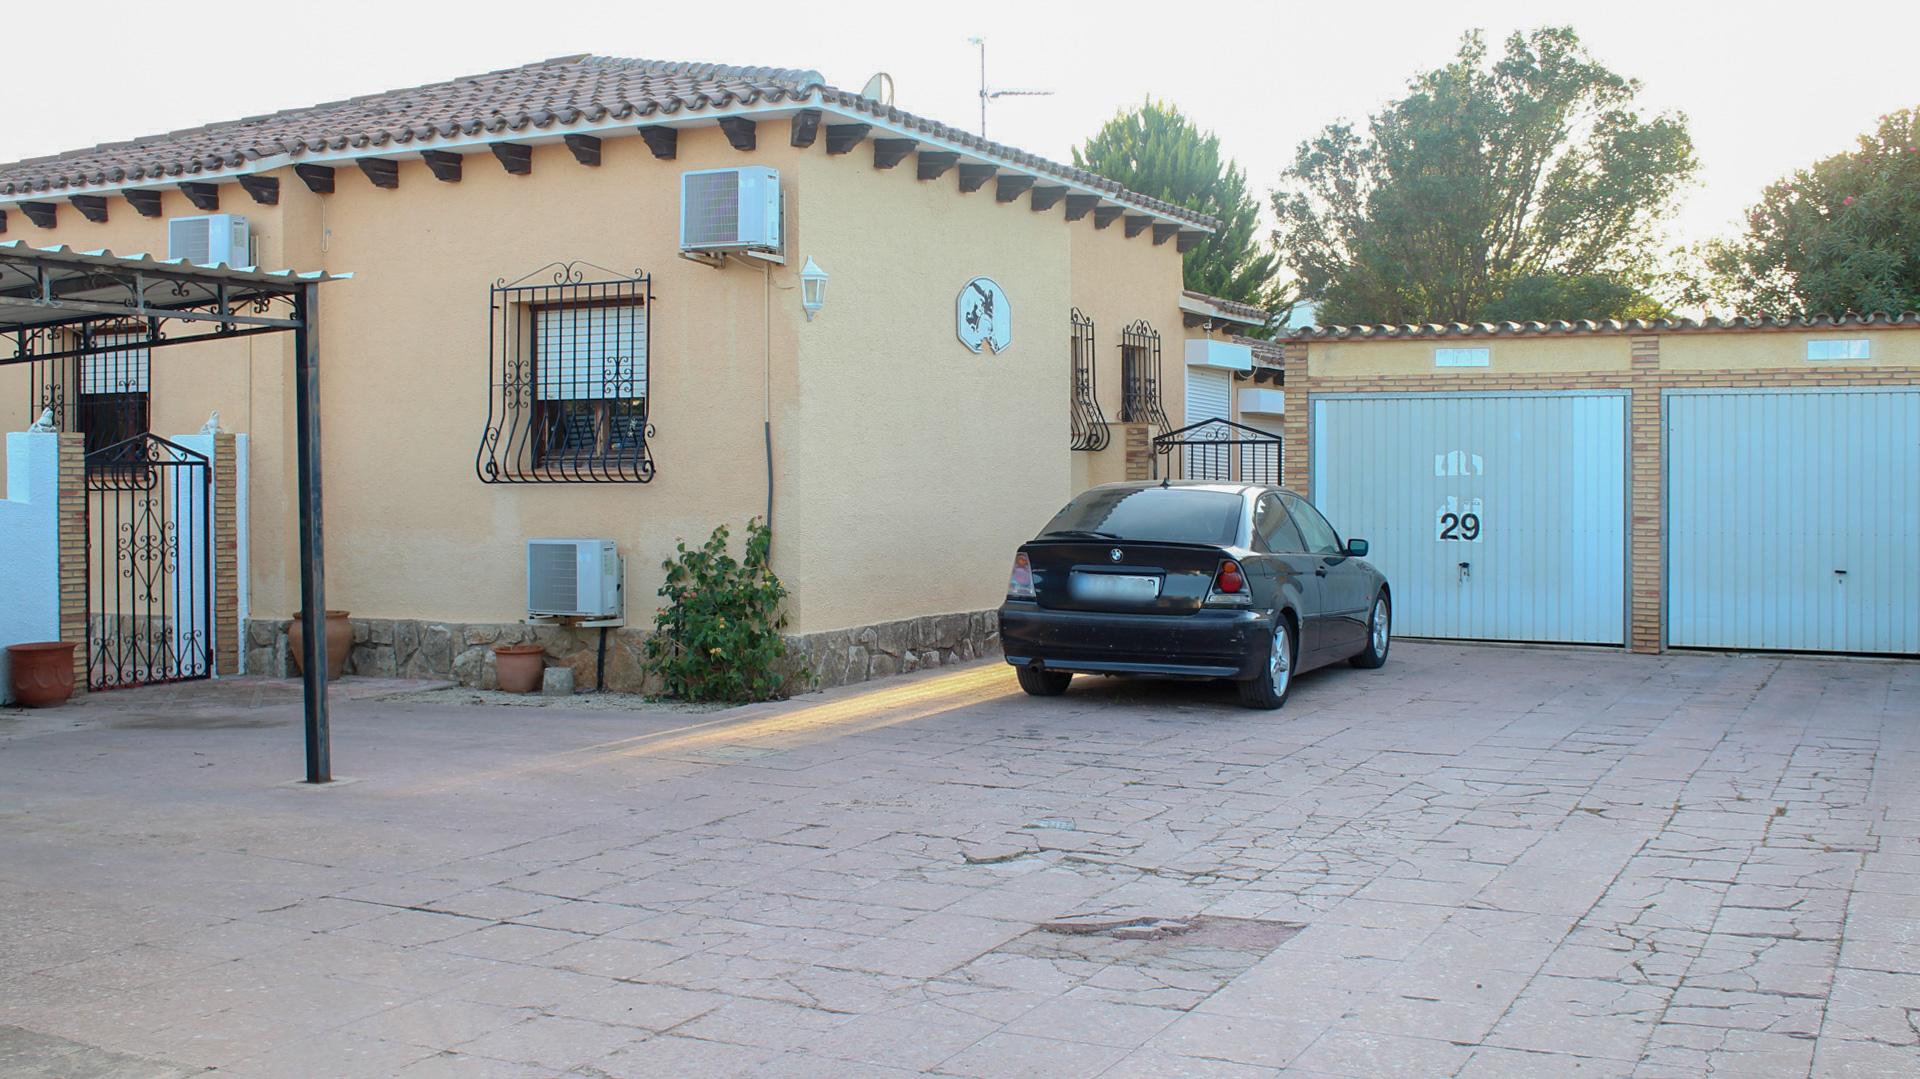 vitalcasa.sooprema-propiedades_5da72103aeefd-source